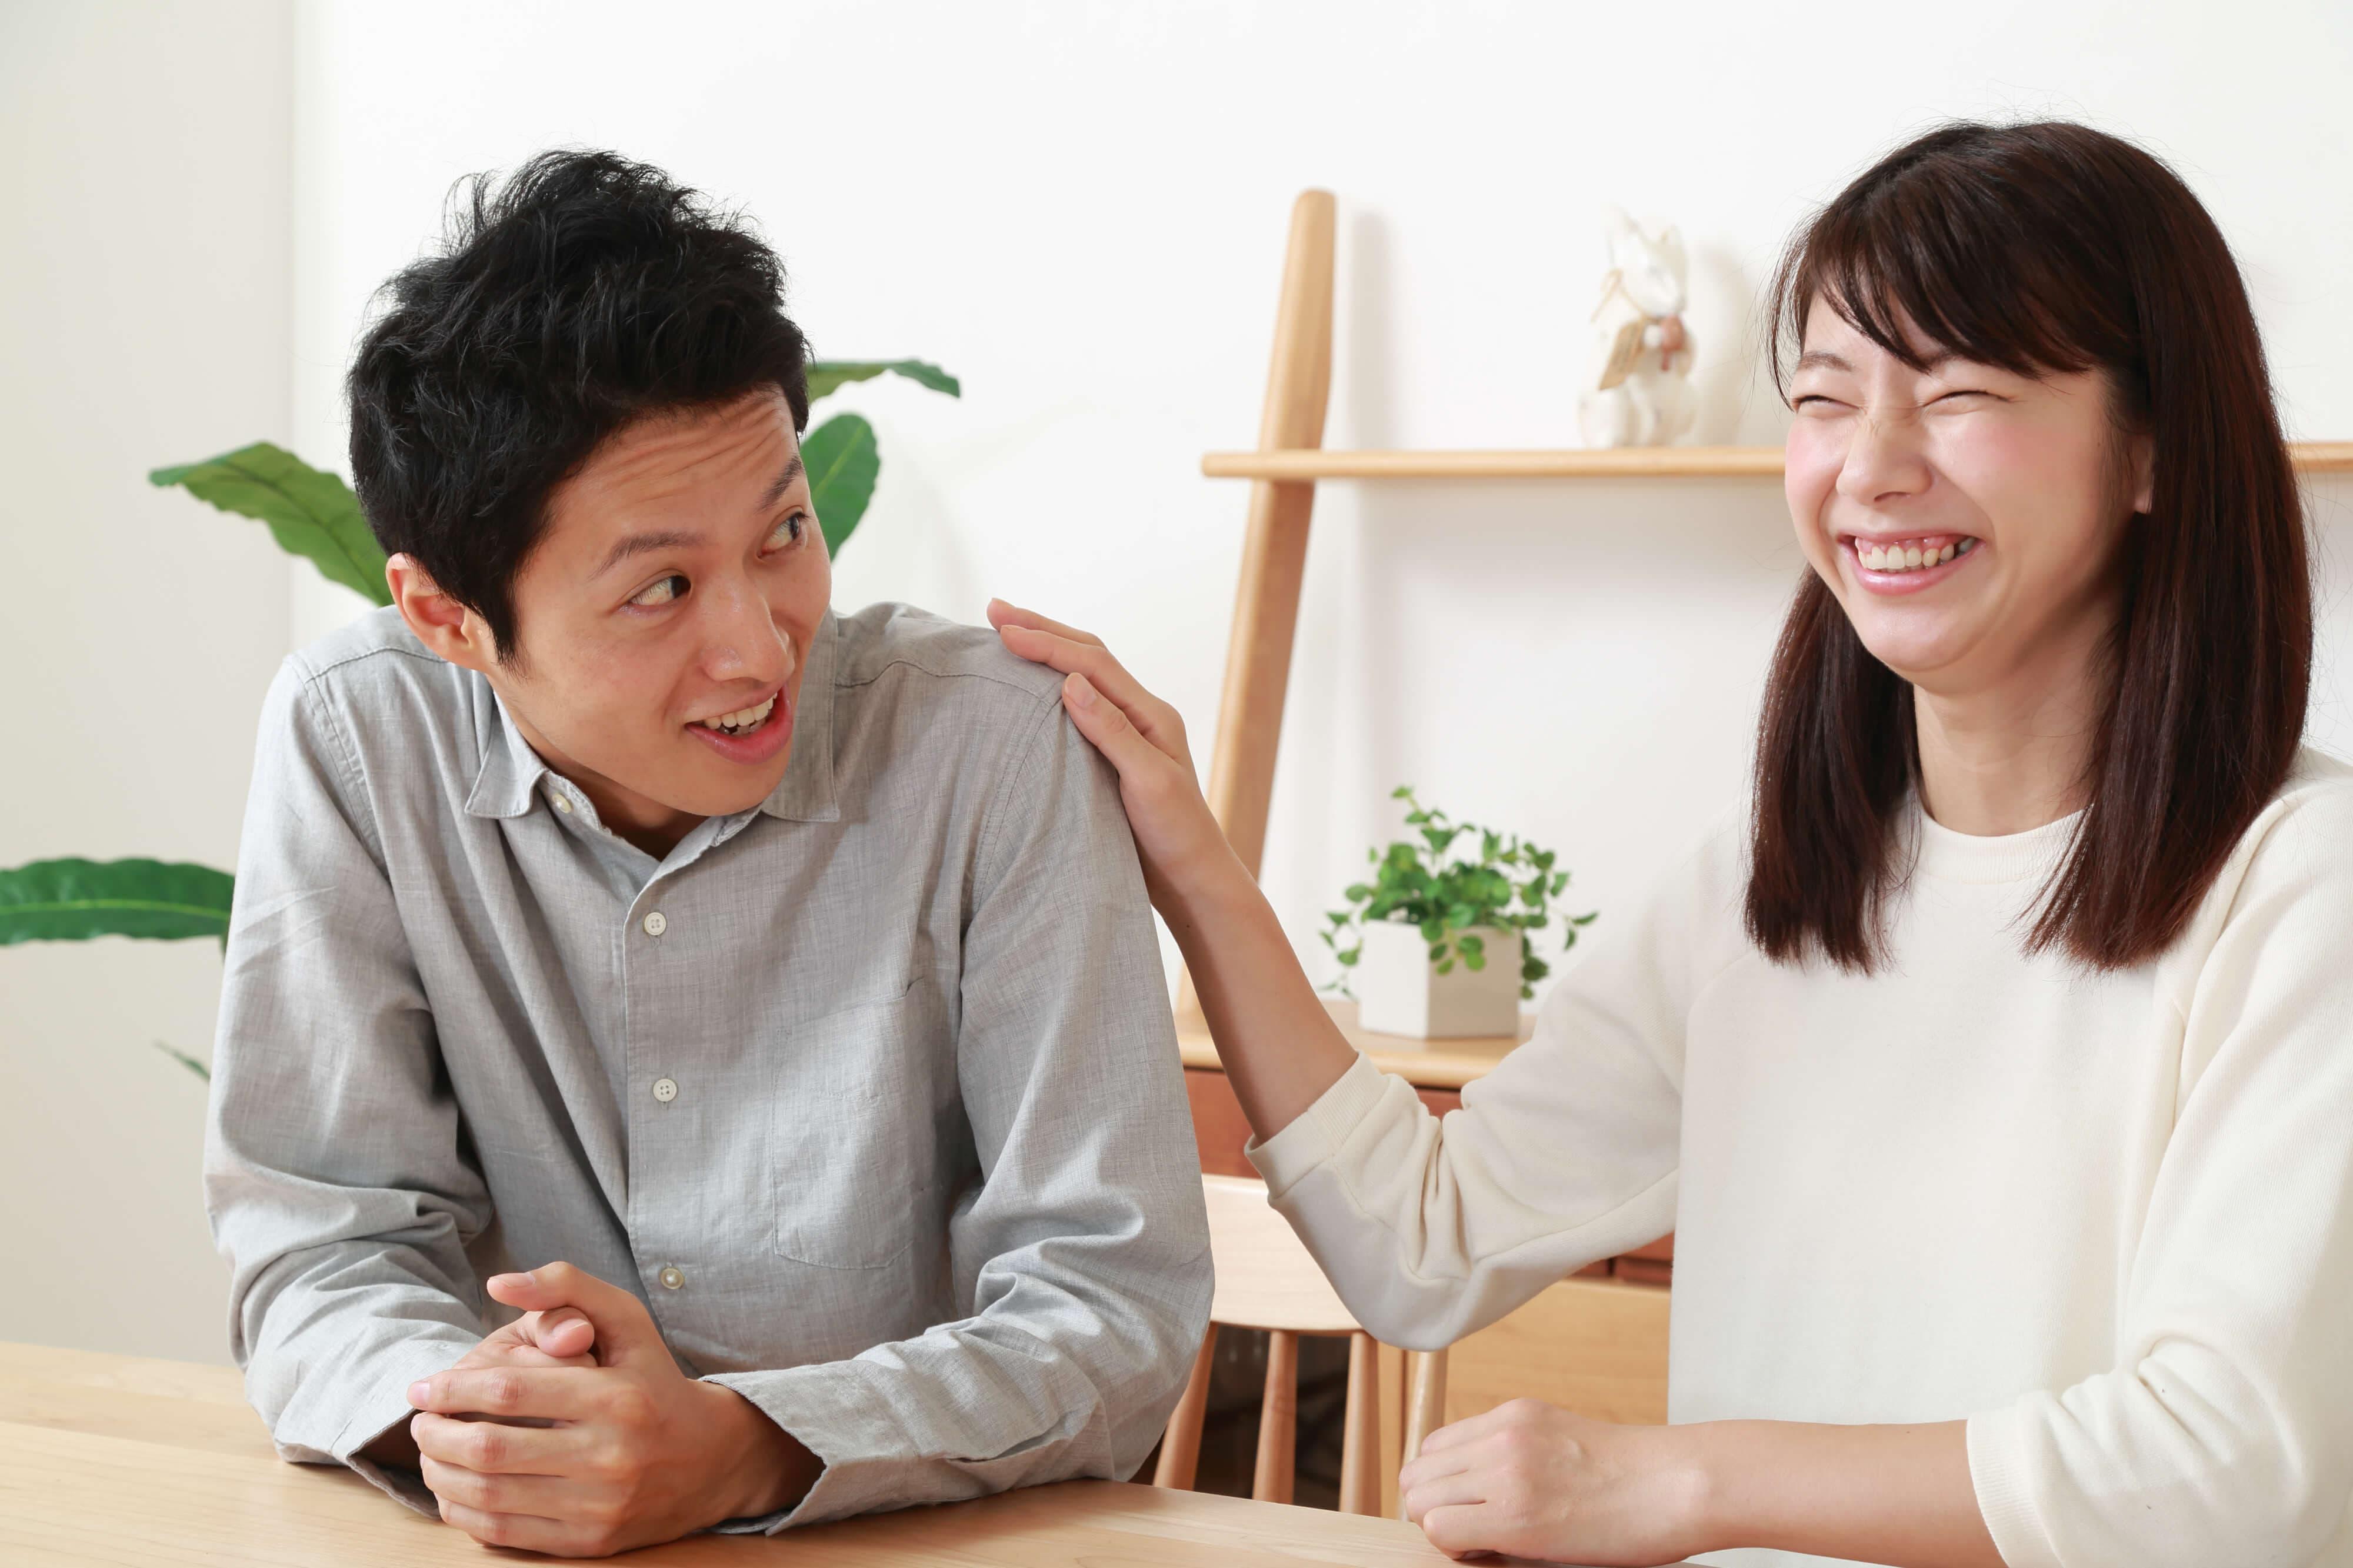 【男性編】妊娠中の夫婦仲をよくする五つの奥の手!